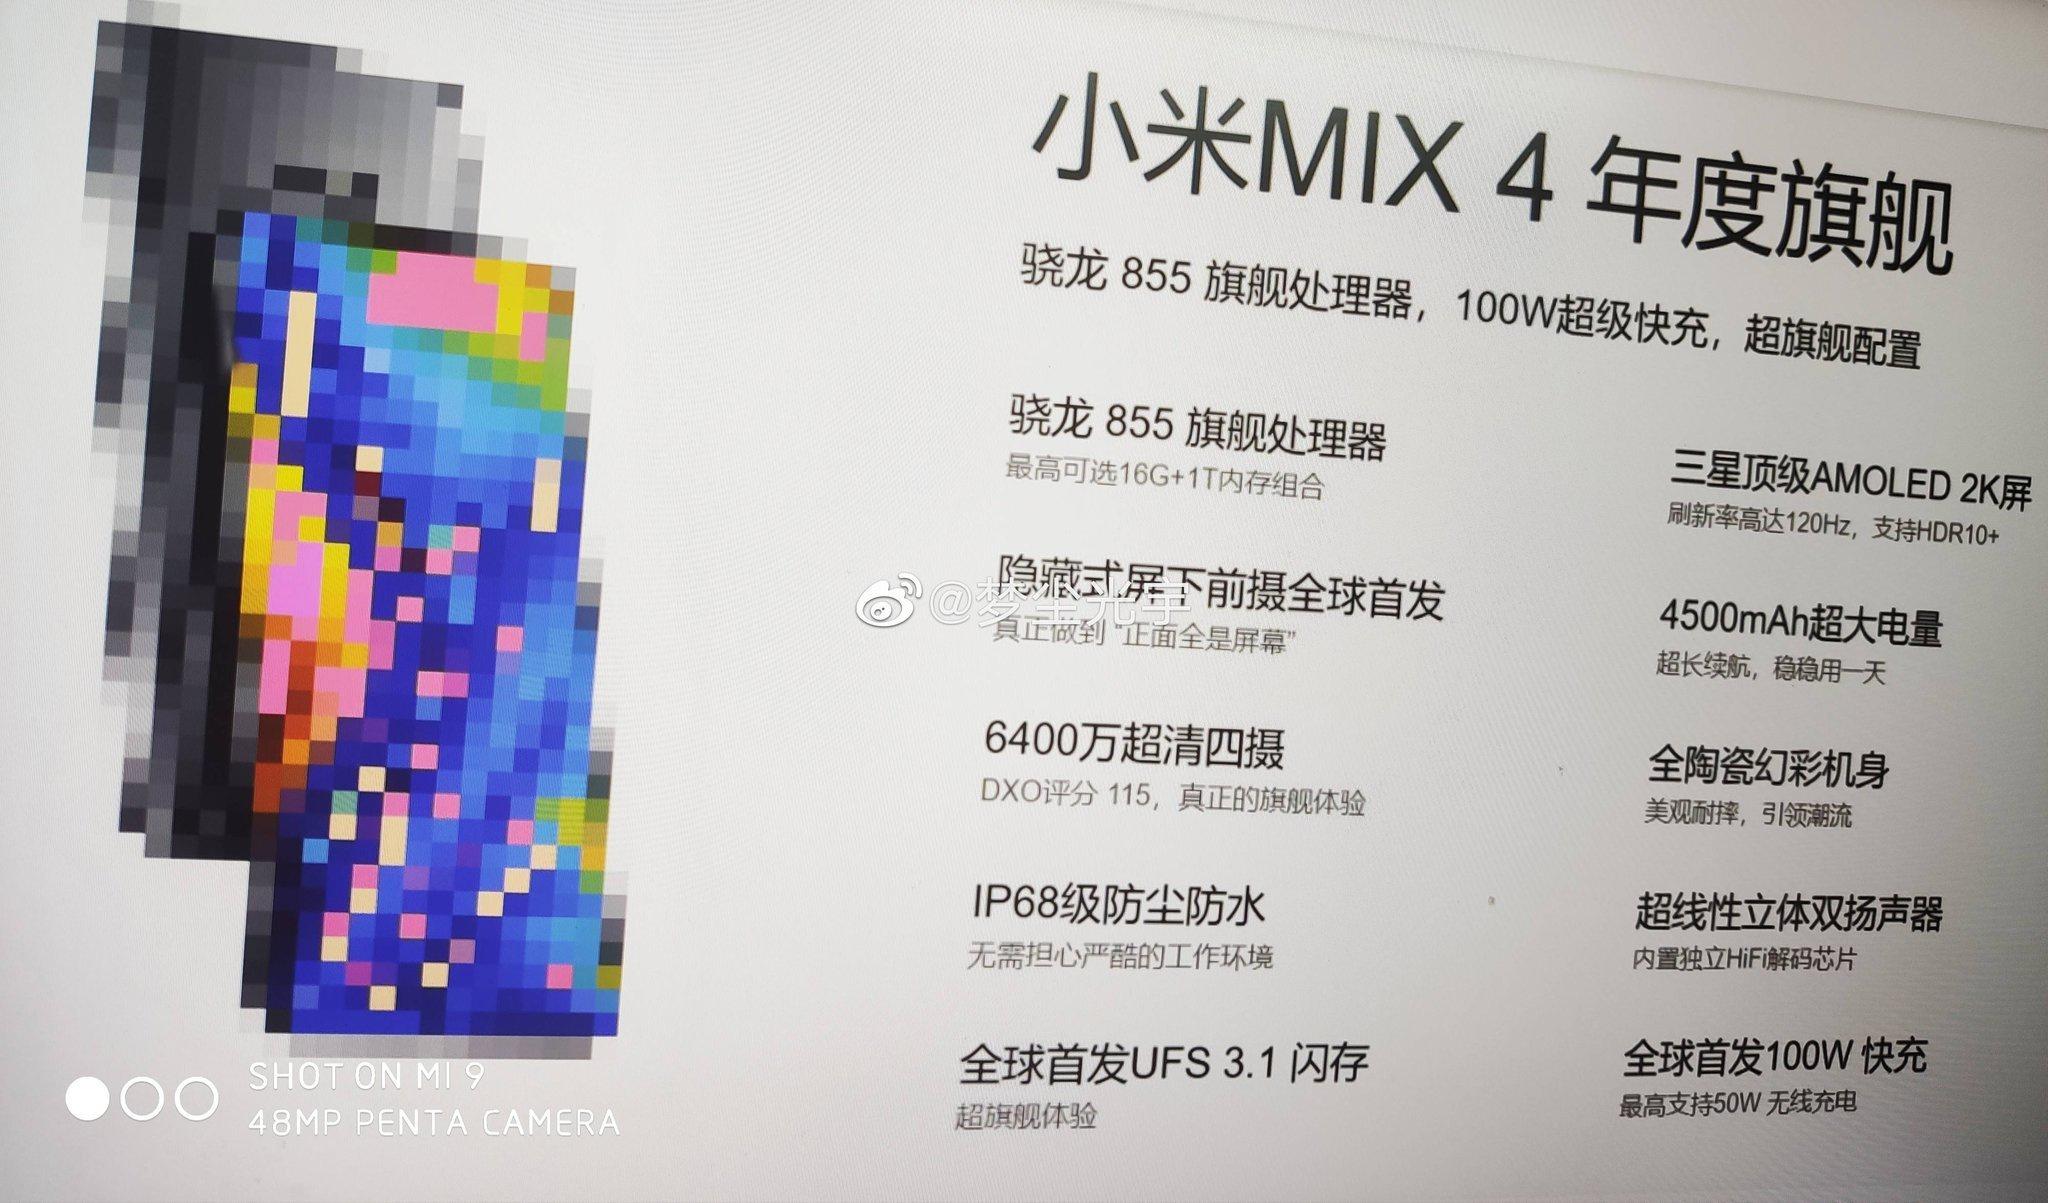 Posibles características del Xiaomi Mi Mix 4